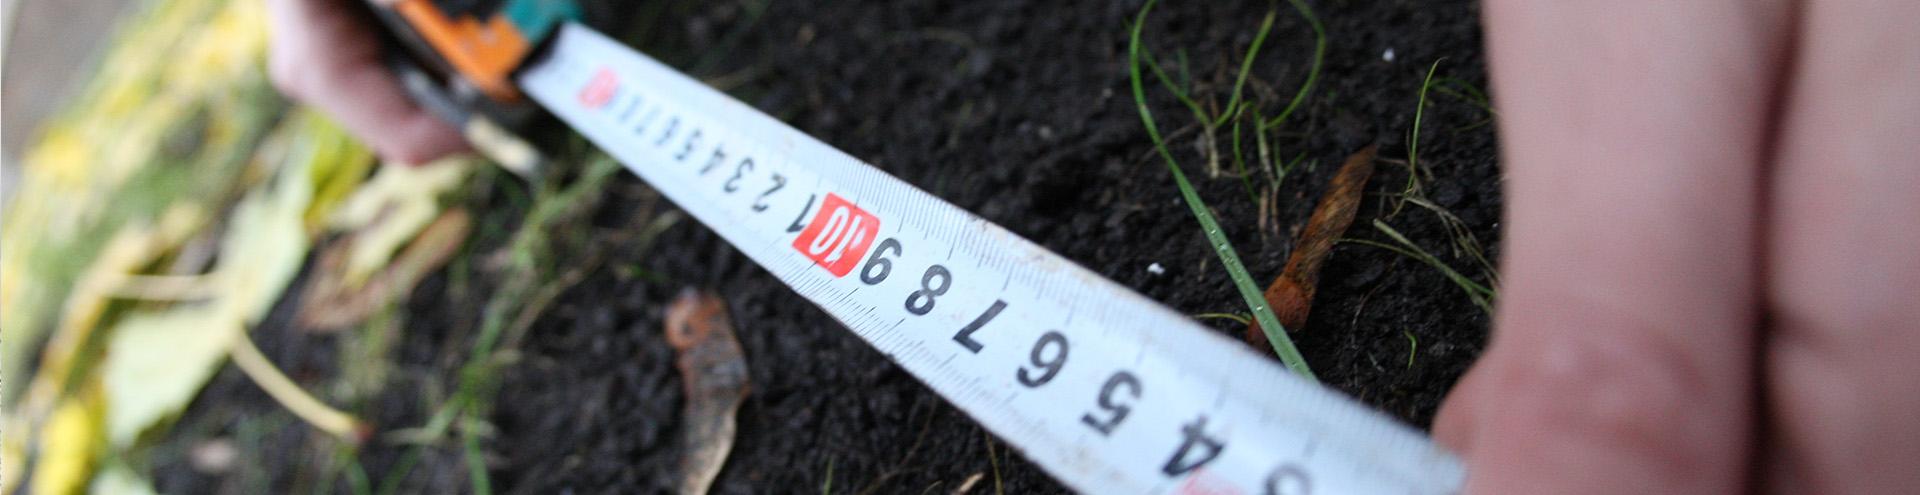 Оспаривание кадастровой стоимости земельного участка в Оренбурге